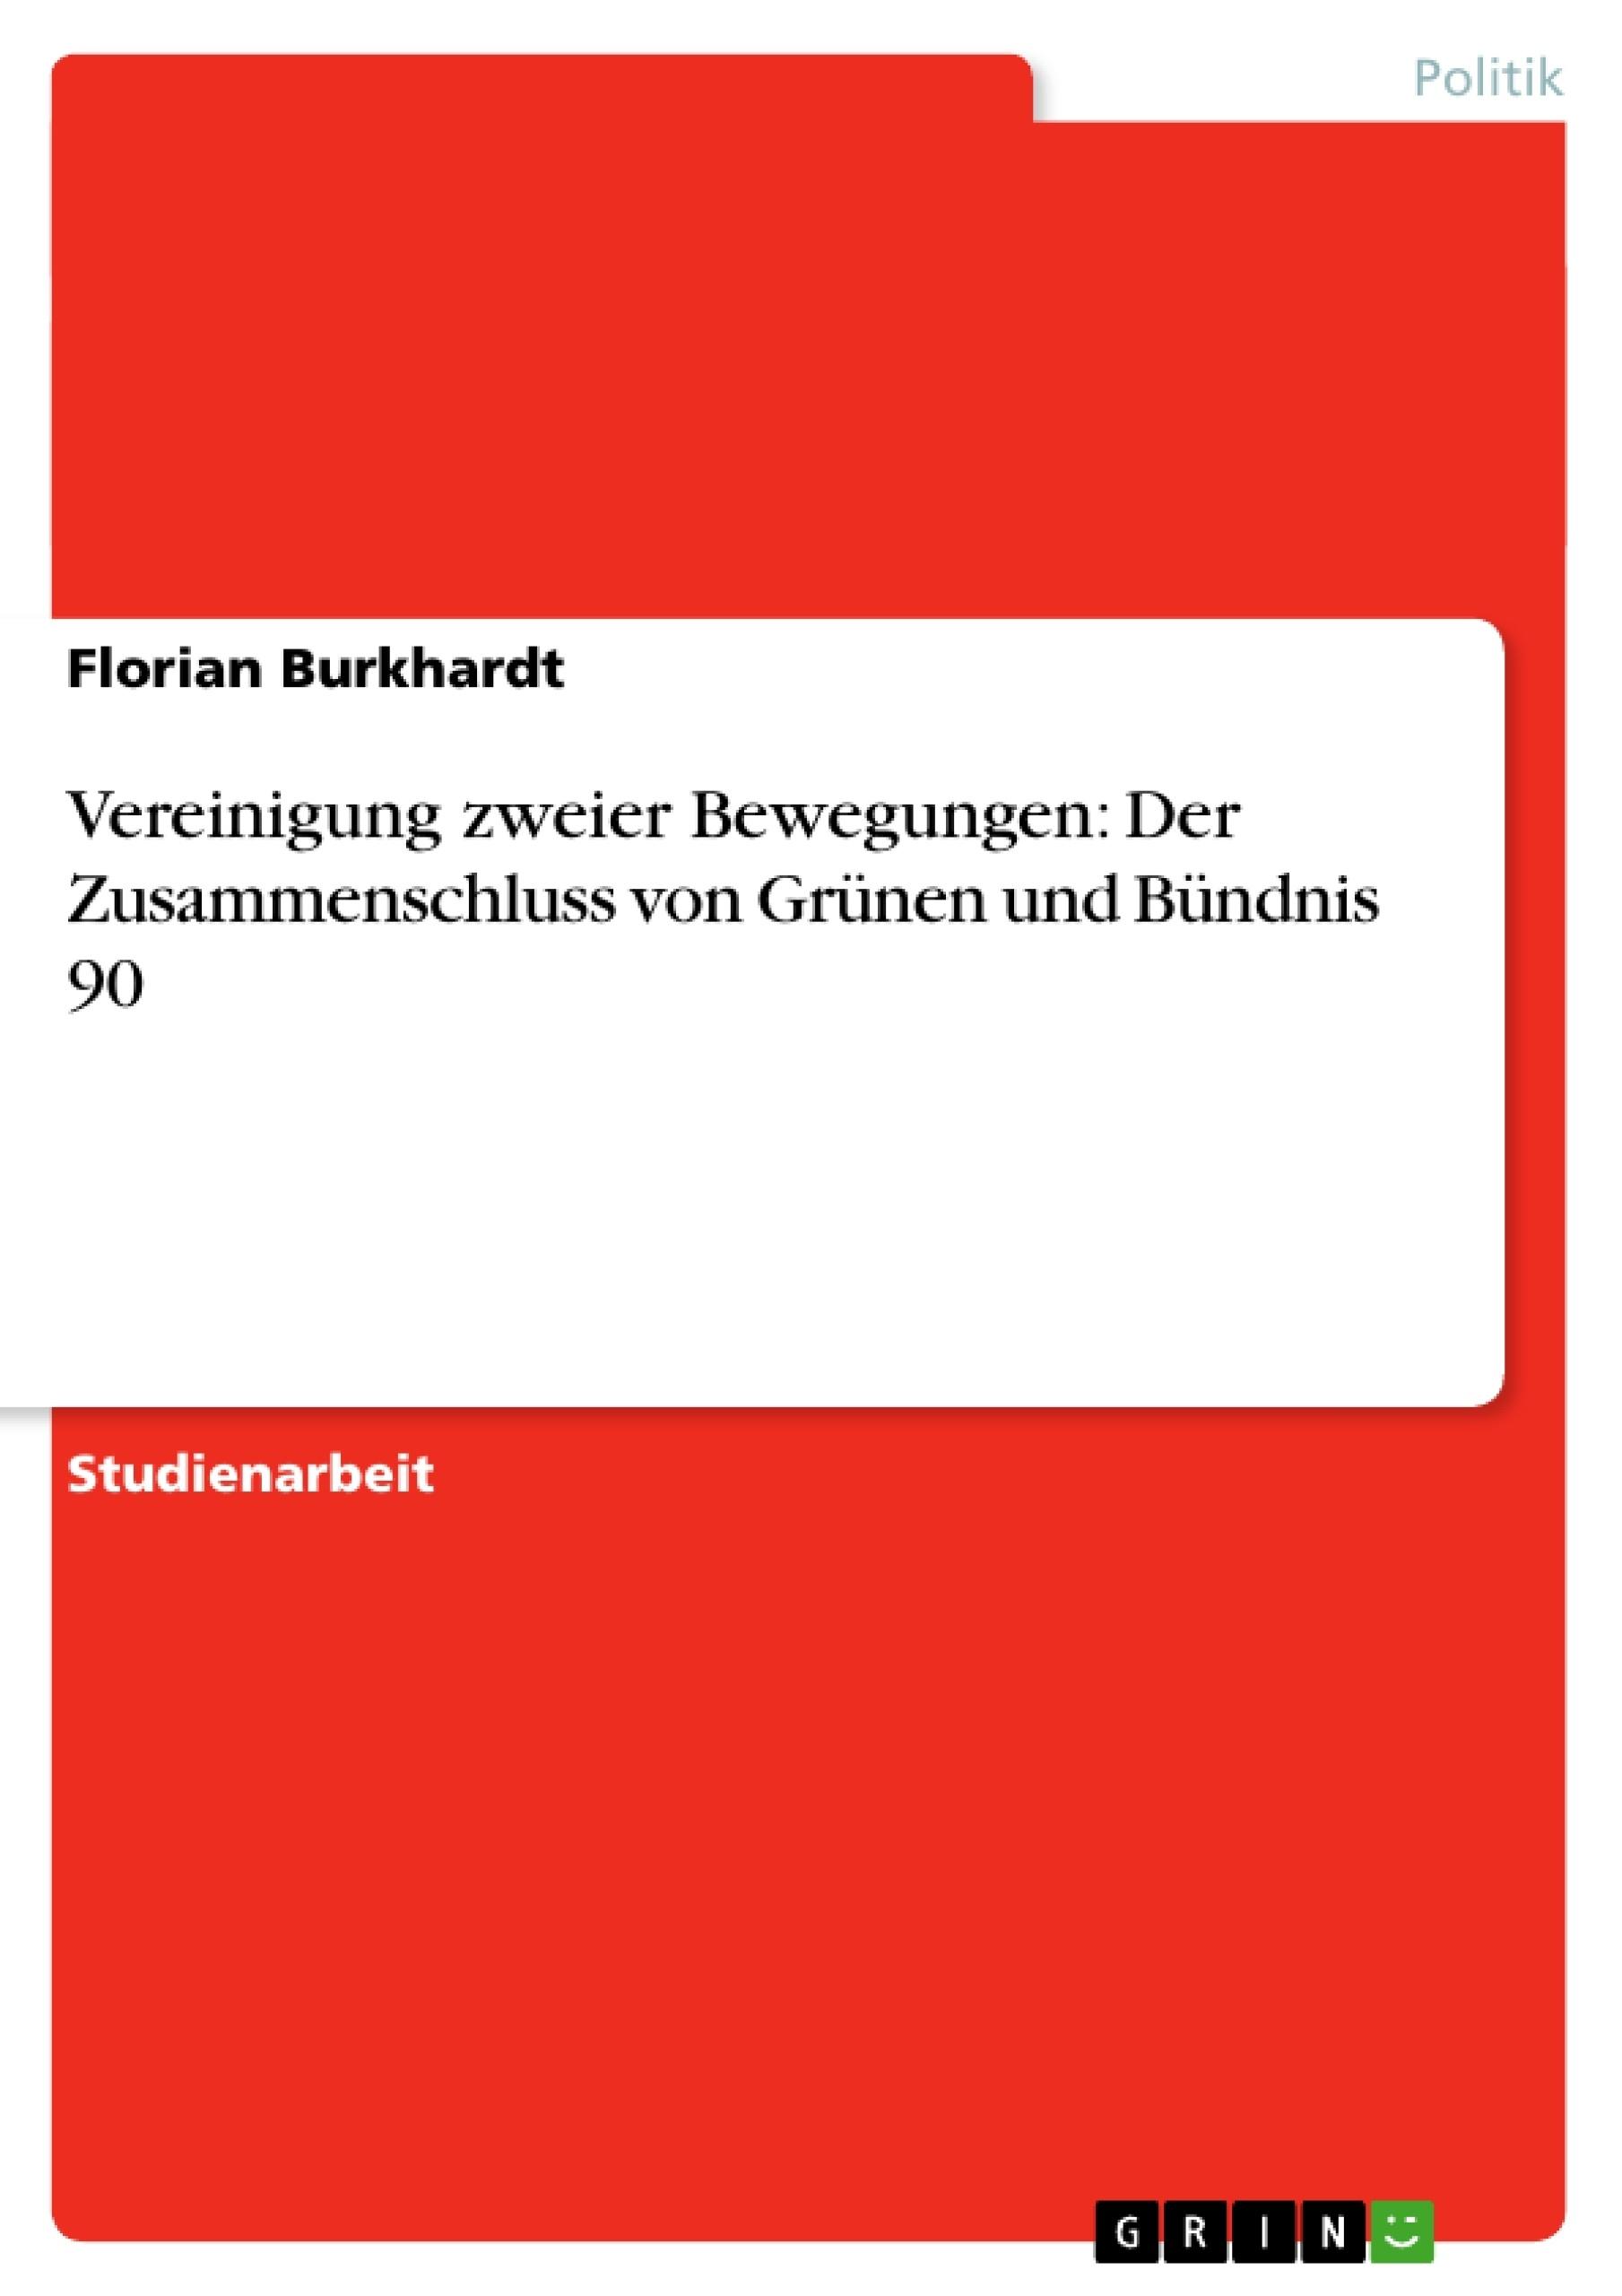 Titel: Vereinigung zweier Bewegungen: Der Zusammenschluss von Grünen und Bündnis 90